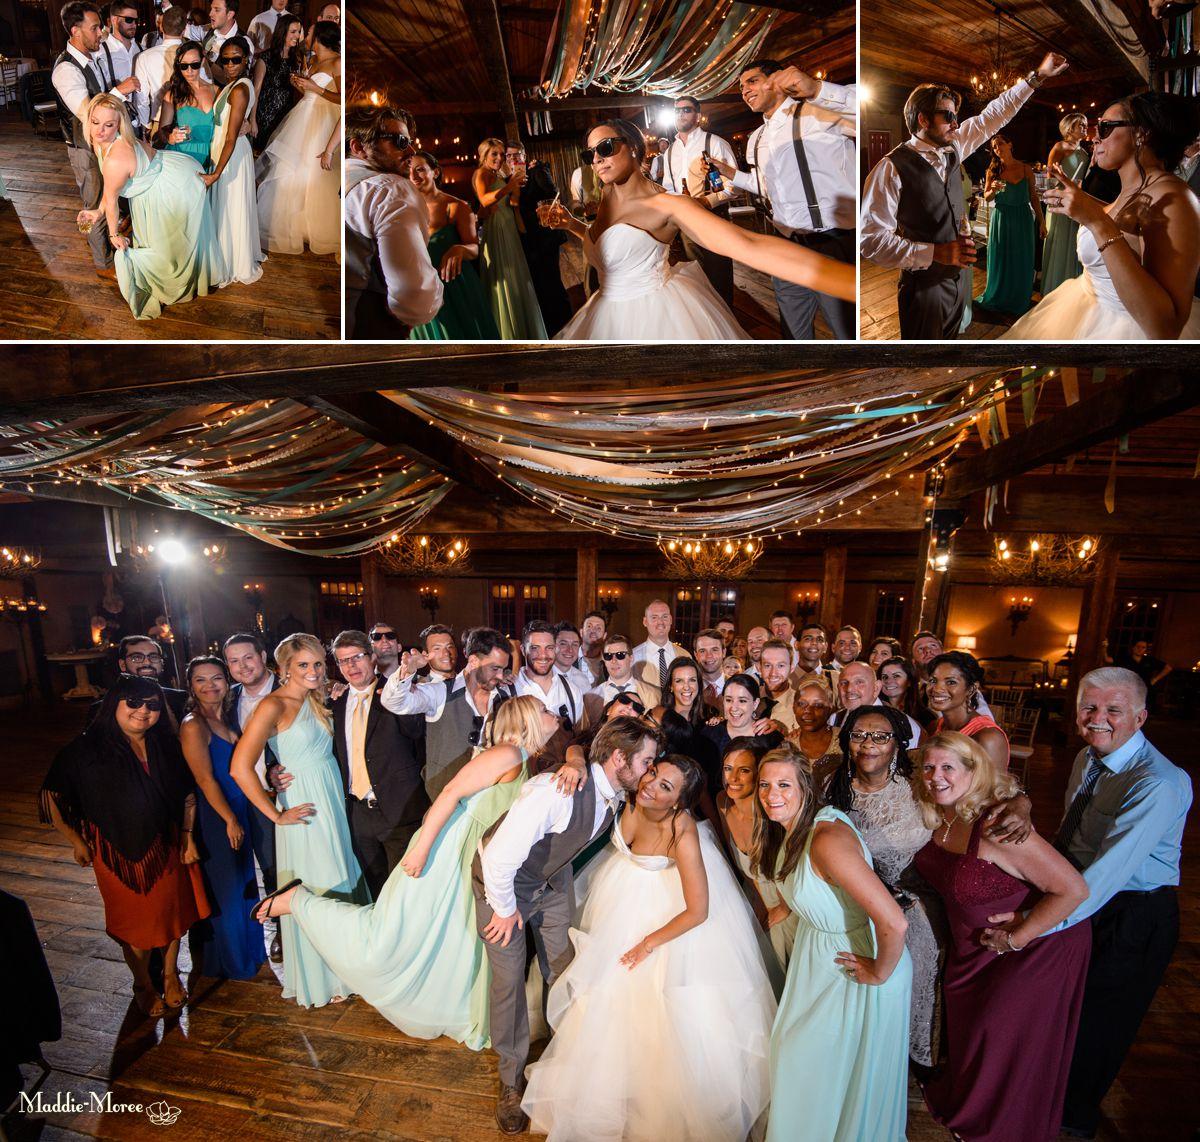 heartwoodhallwedding reception